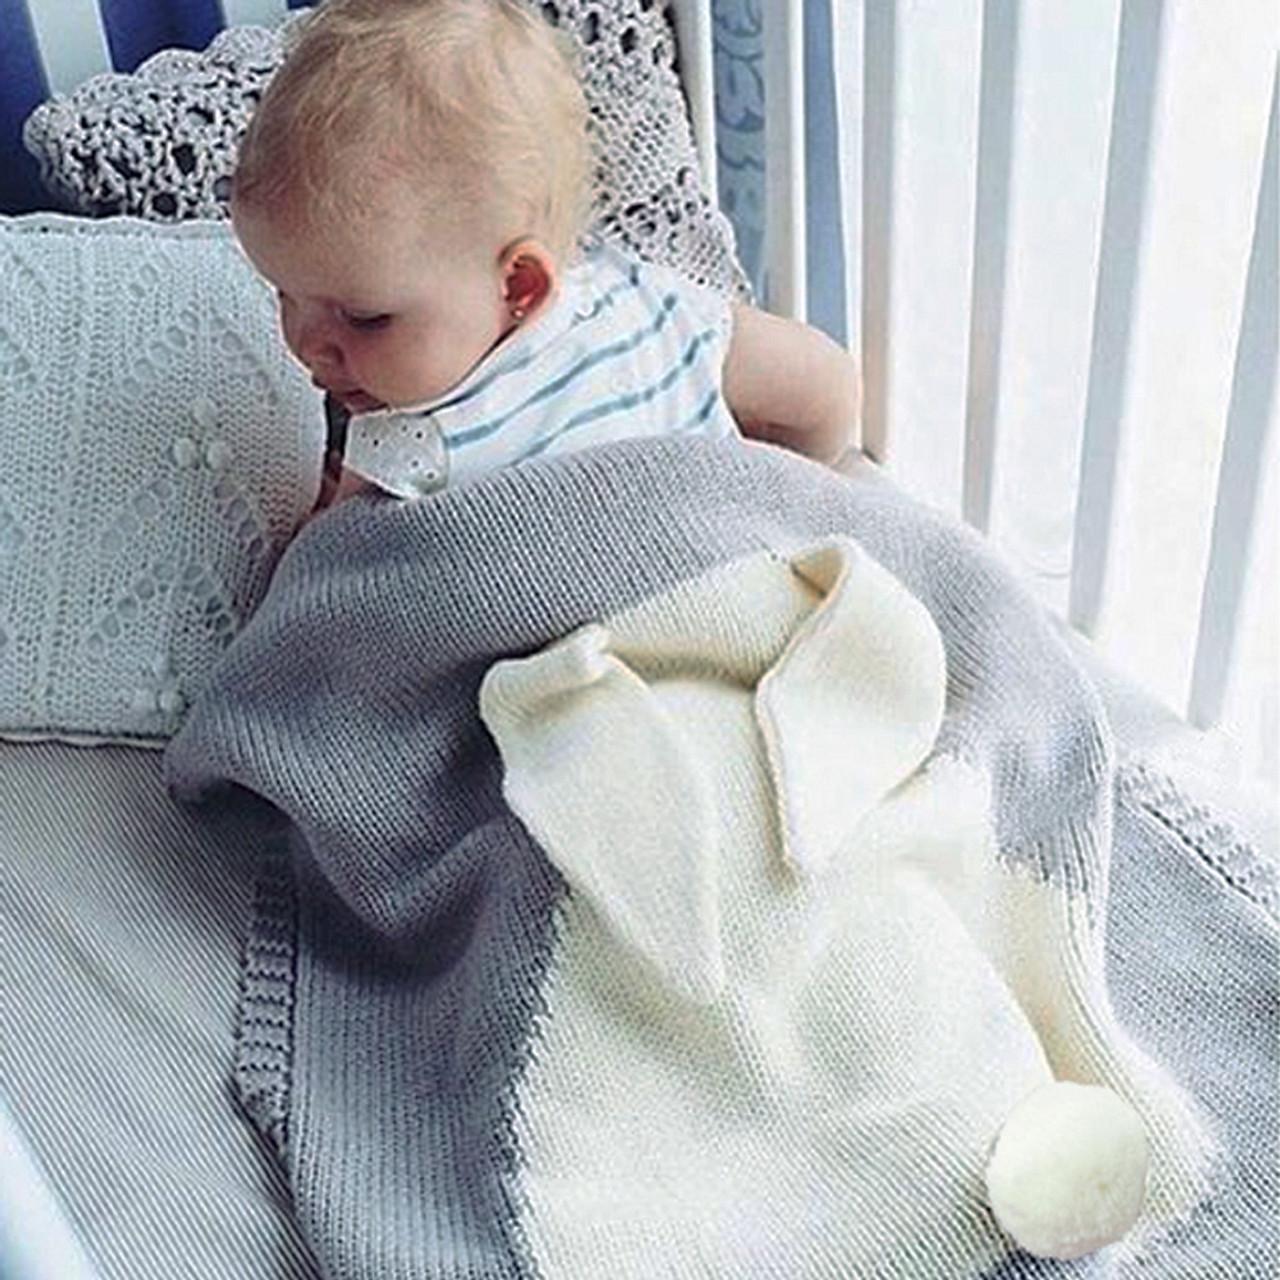 784dd9d23ec9 Cute Baby Blankets Infant Kids Rabbit Soft Warm Wool Swaddle Kids ...